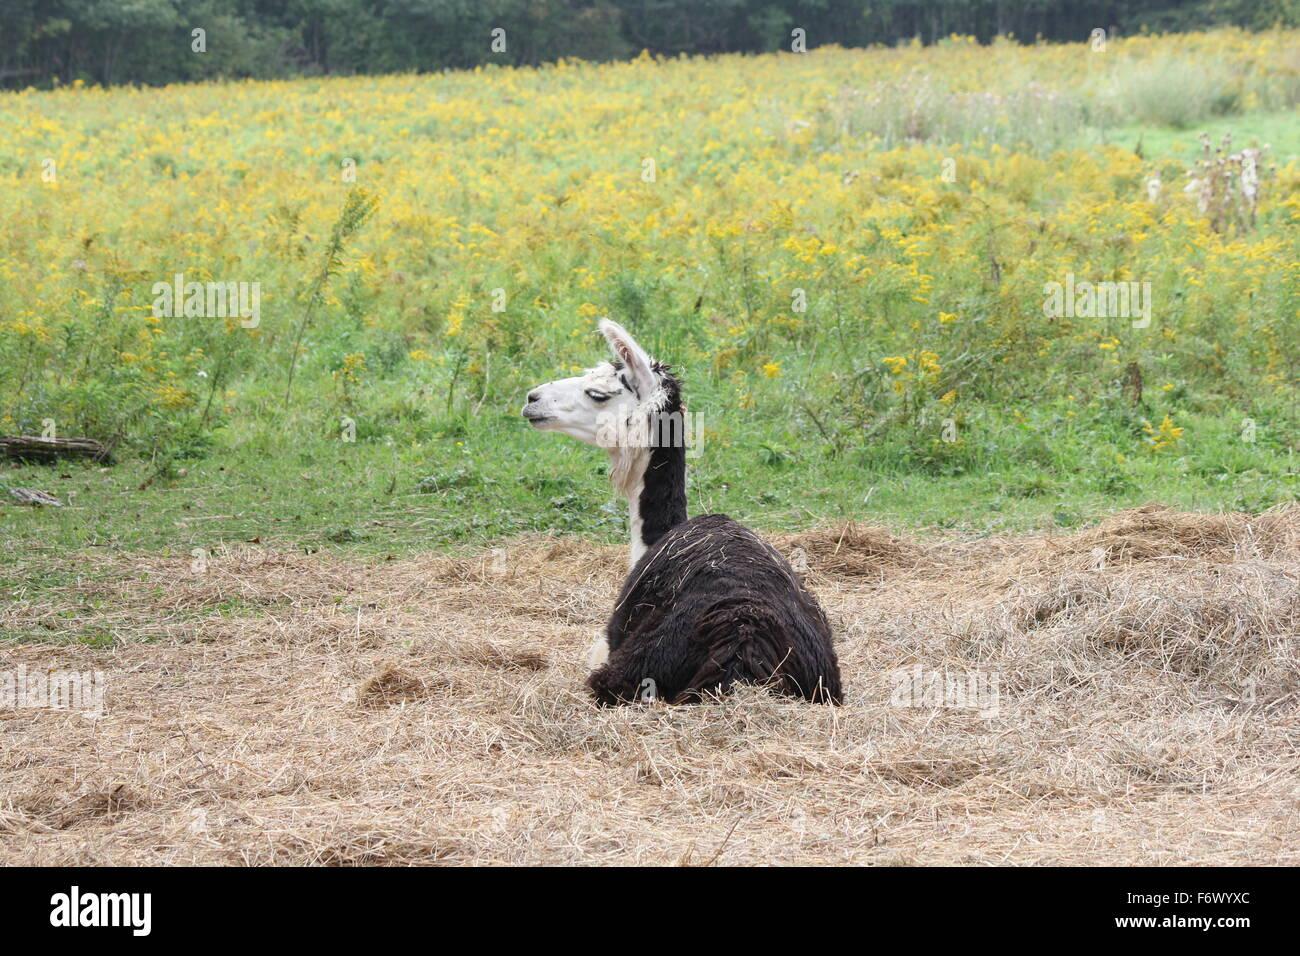 Llama en una pequeña granja de pasatiempo, tendido sobre un montón de paja. La llama es un camélido Imagen De Stock